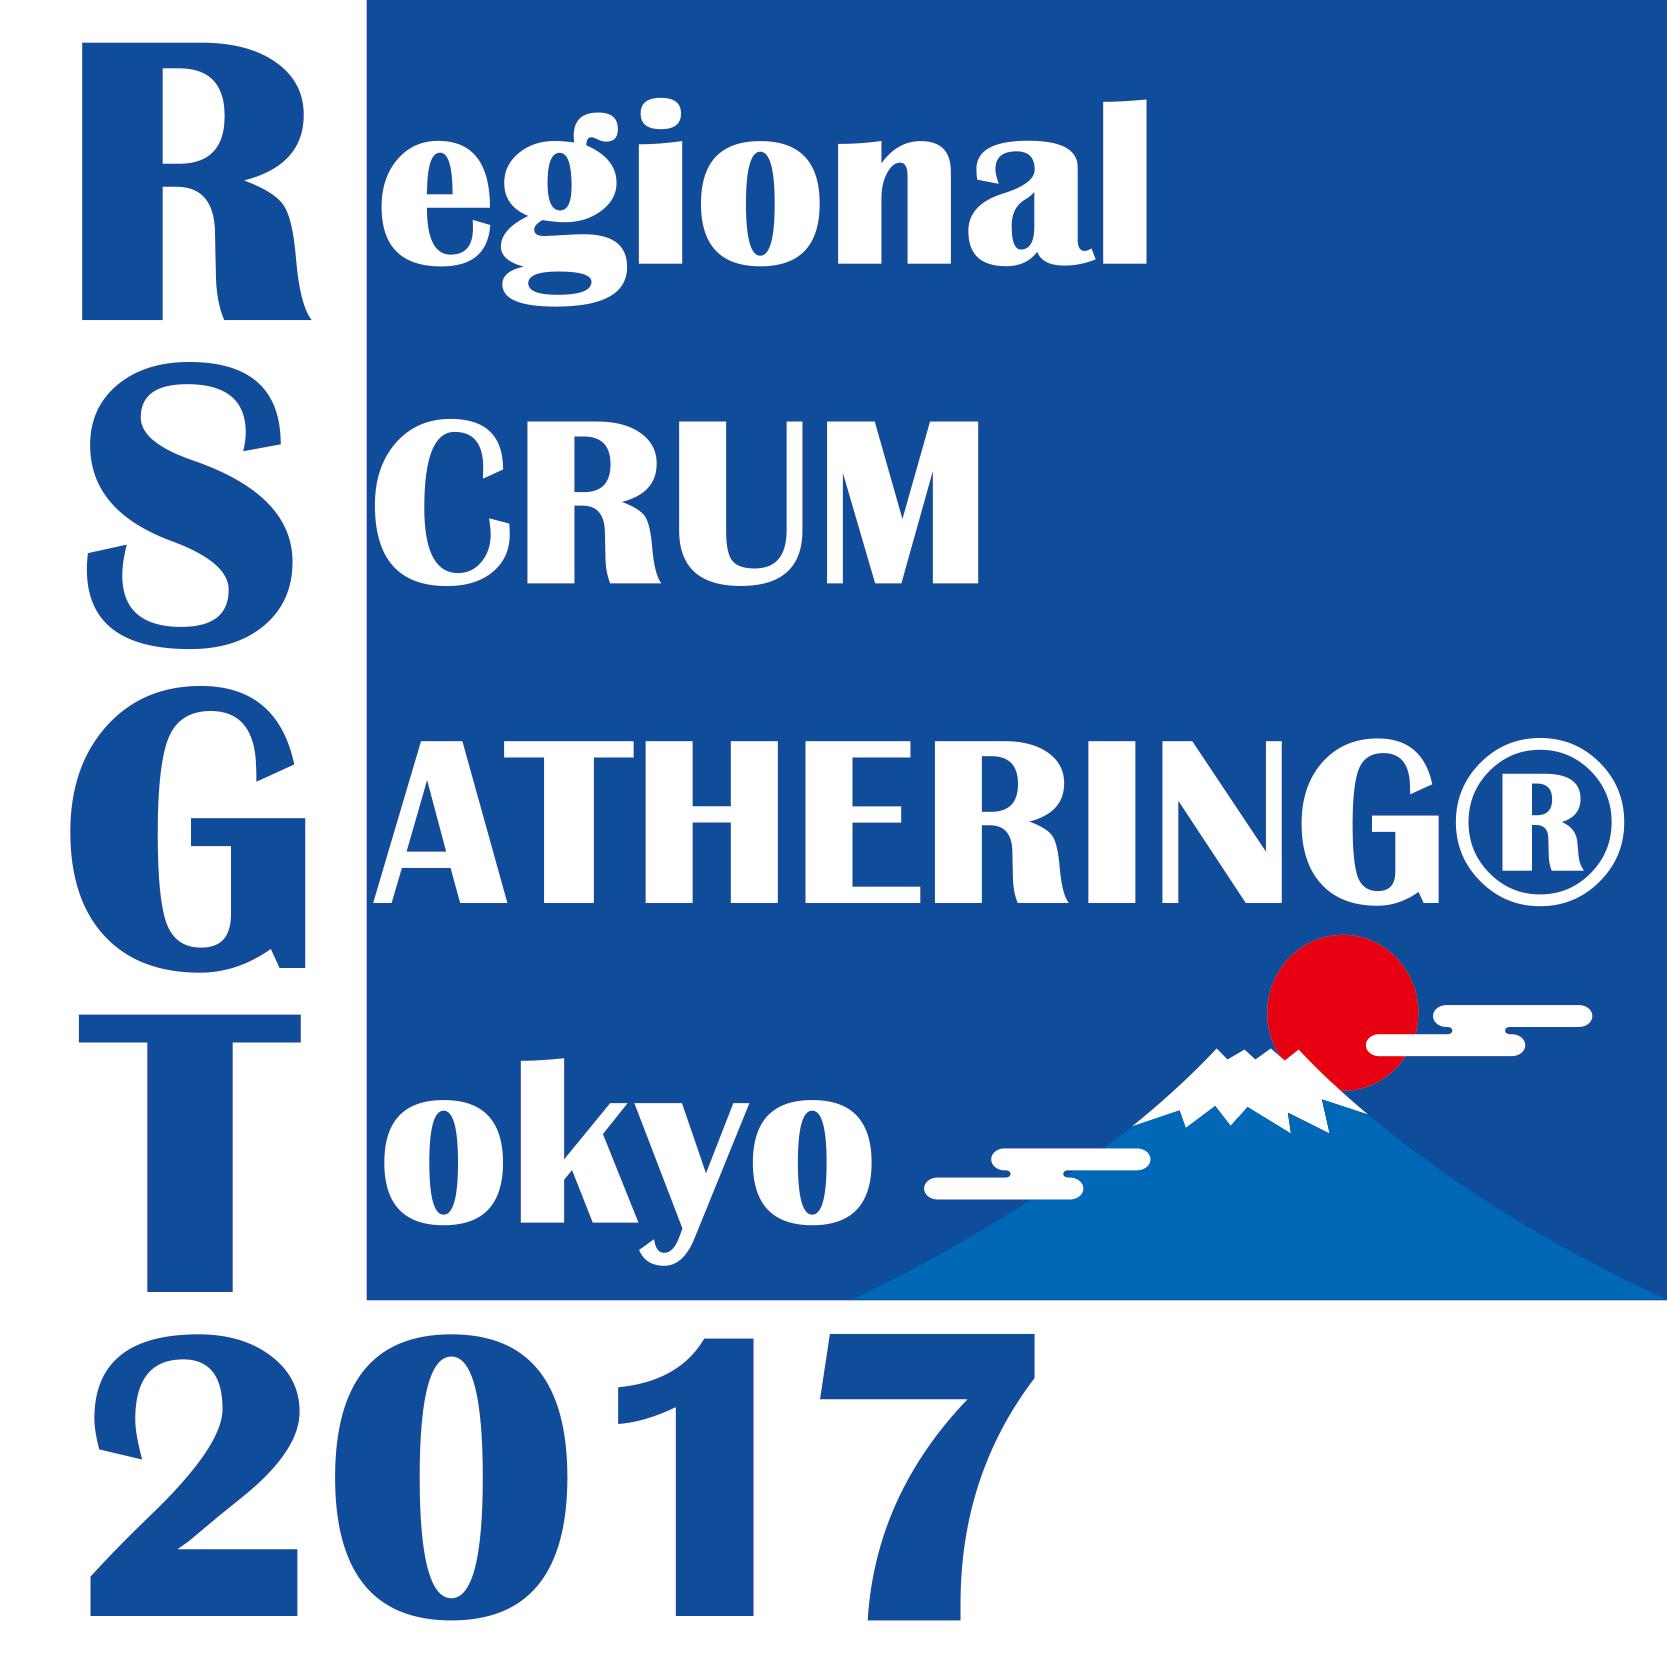 Regional Scrum Gathering Tokyo 2017